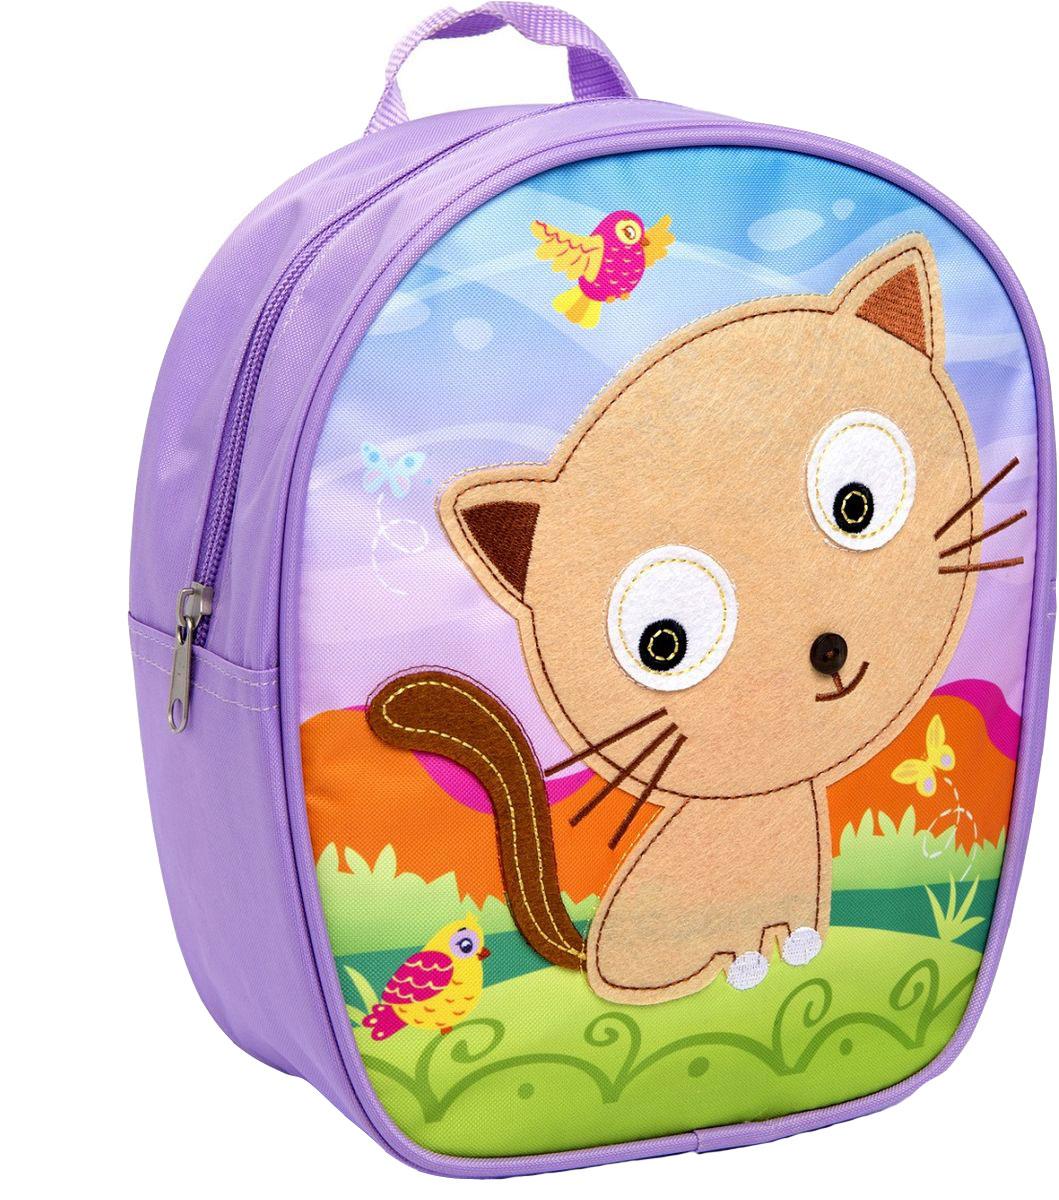 Росмэн Рюкзак дошкольный Кошка5116Дошкольный рюкзак Росмэн Кошка - это удобный, легкий и компактный аксессуар для вашего малыша, который обязательно пригодится для прогулок и детского сада.В его внутреннее отделение на застежке-молнии можно положить игрушки, предметы для творчества или книжку формата А5.Благодаря регулируемым лямкам, рюкзачок подходит детям любого роста. Удобная ручка помогает носить аксессуар в руке или размещать на вешалке.Износостойкий материал с водонепроницаемой основой и подкладка обеспечивают изделию длительный срок службы и помогают содержать вещи сухими в сырую погоду.Аксессуар декорирован ярким принтом (сублимированной печатью), устойчивым к истиранию и выгоранию на солнце, аппликацией из фетра, вышивкой и пуговкой.